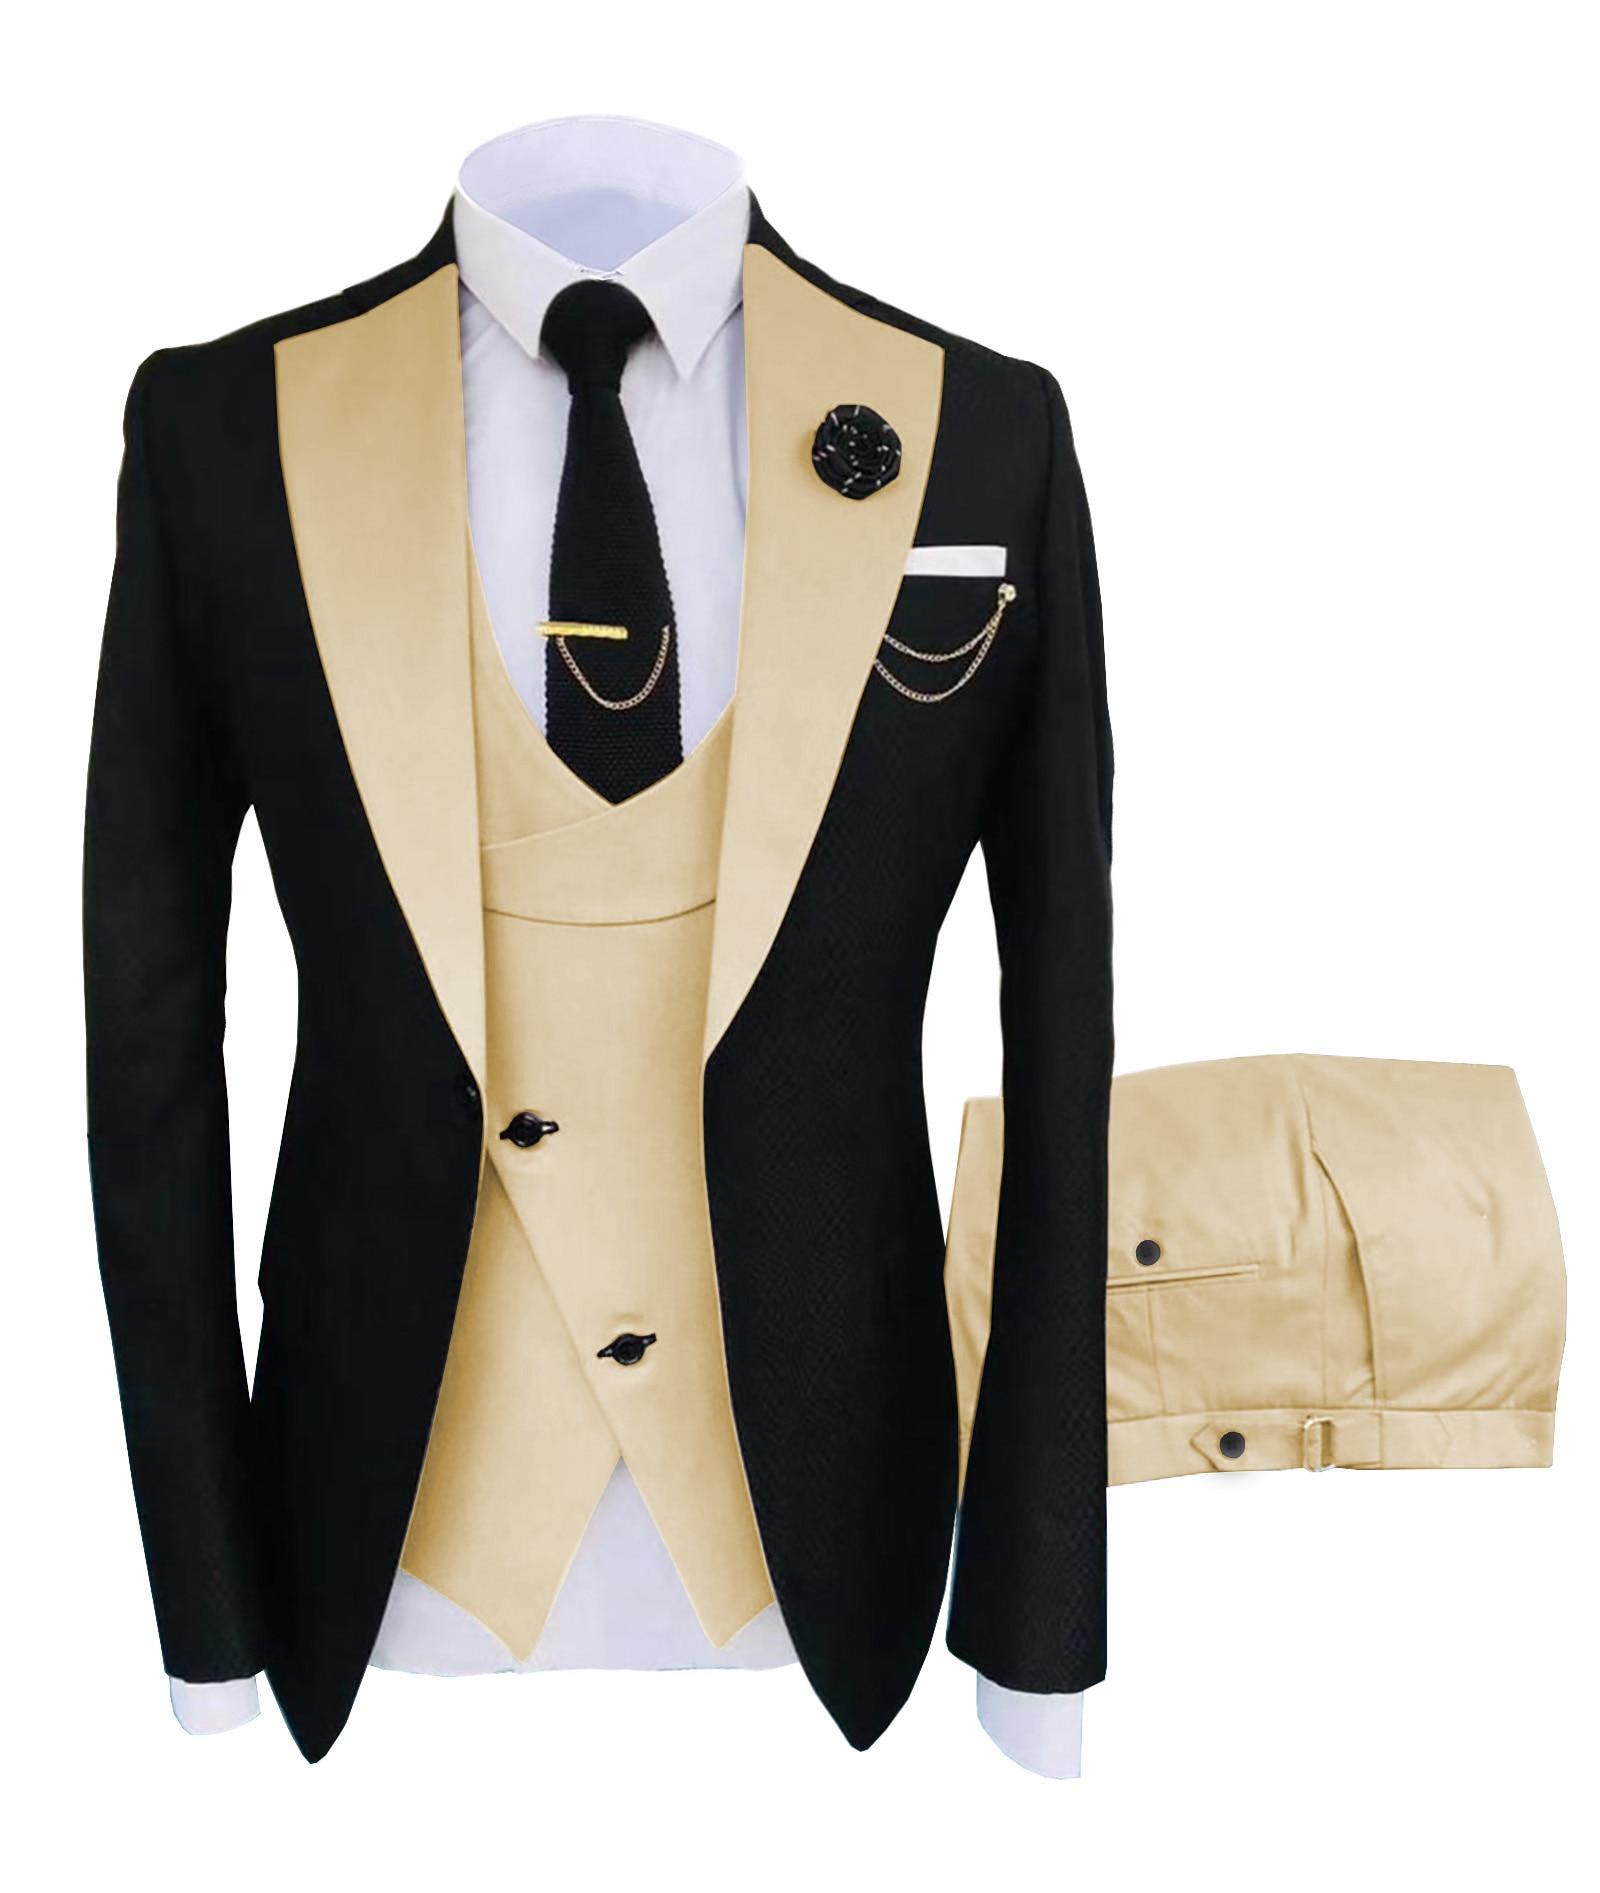 أزياء رجالية من 3 قطع, بدلة عمل رسمية للرجال لون شامبانيا بيج بدلة رسمية للعريس بليزر + سروال + سترة